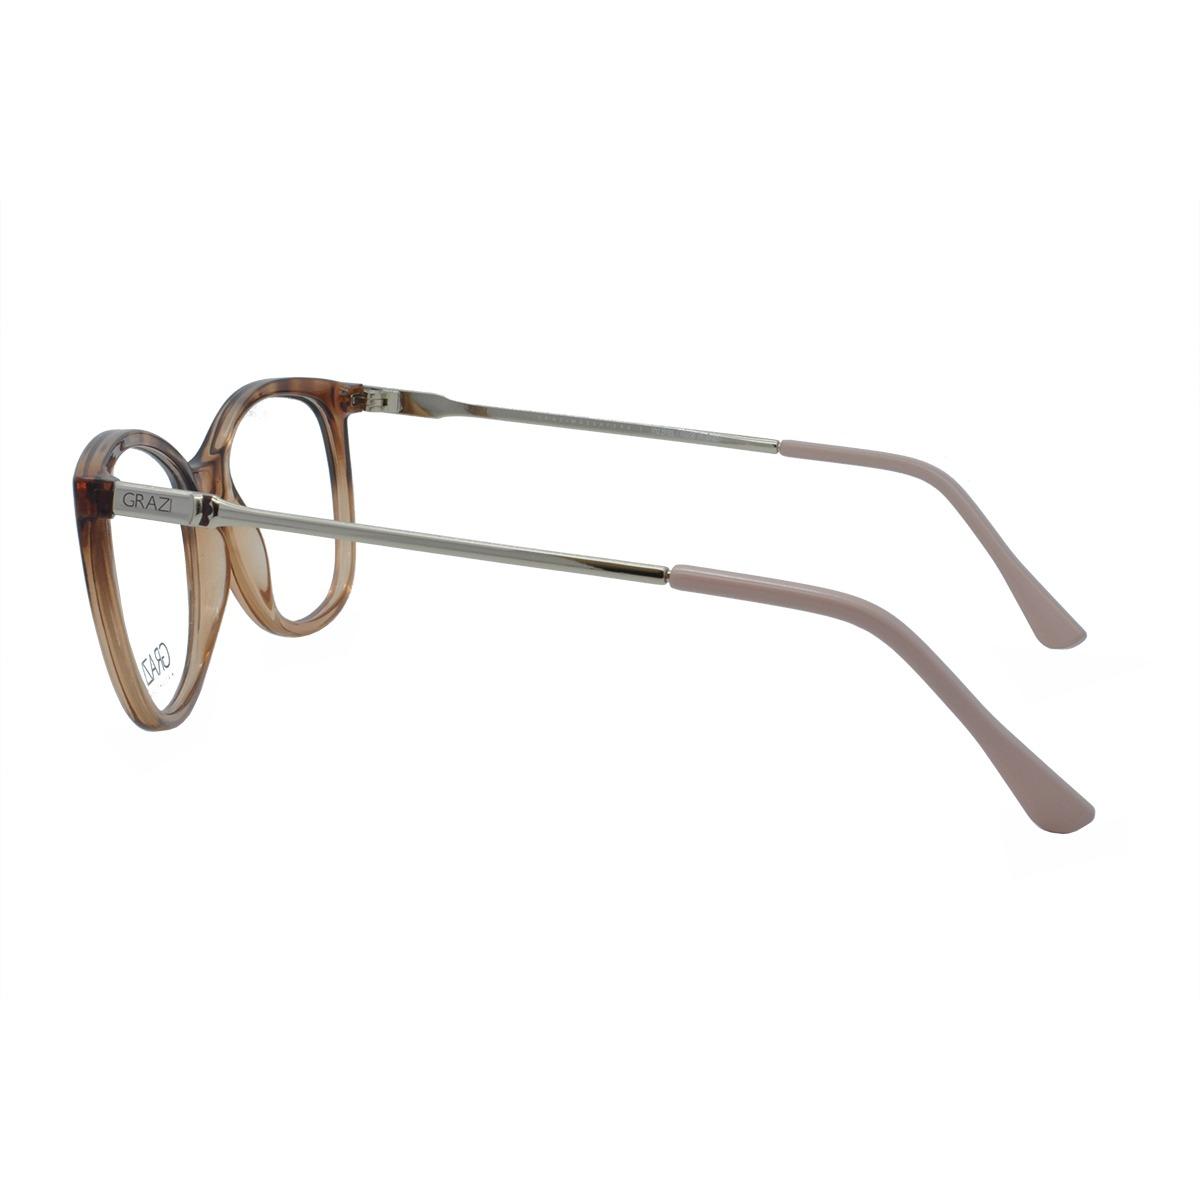 942b7c750ebb4 Óculos De Grau Grazi Massafera Original Gz3033 - R  250,00 em ...